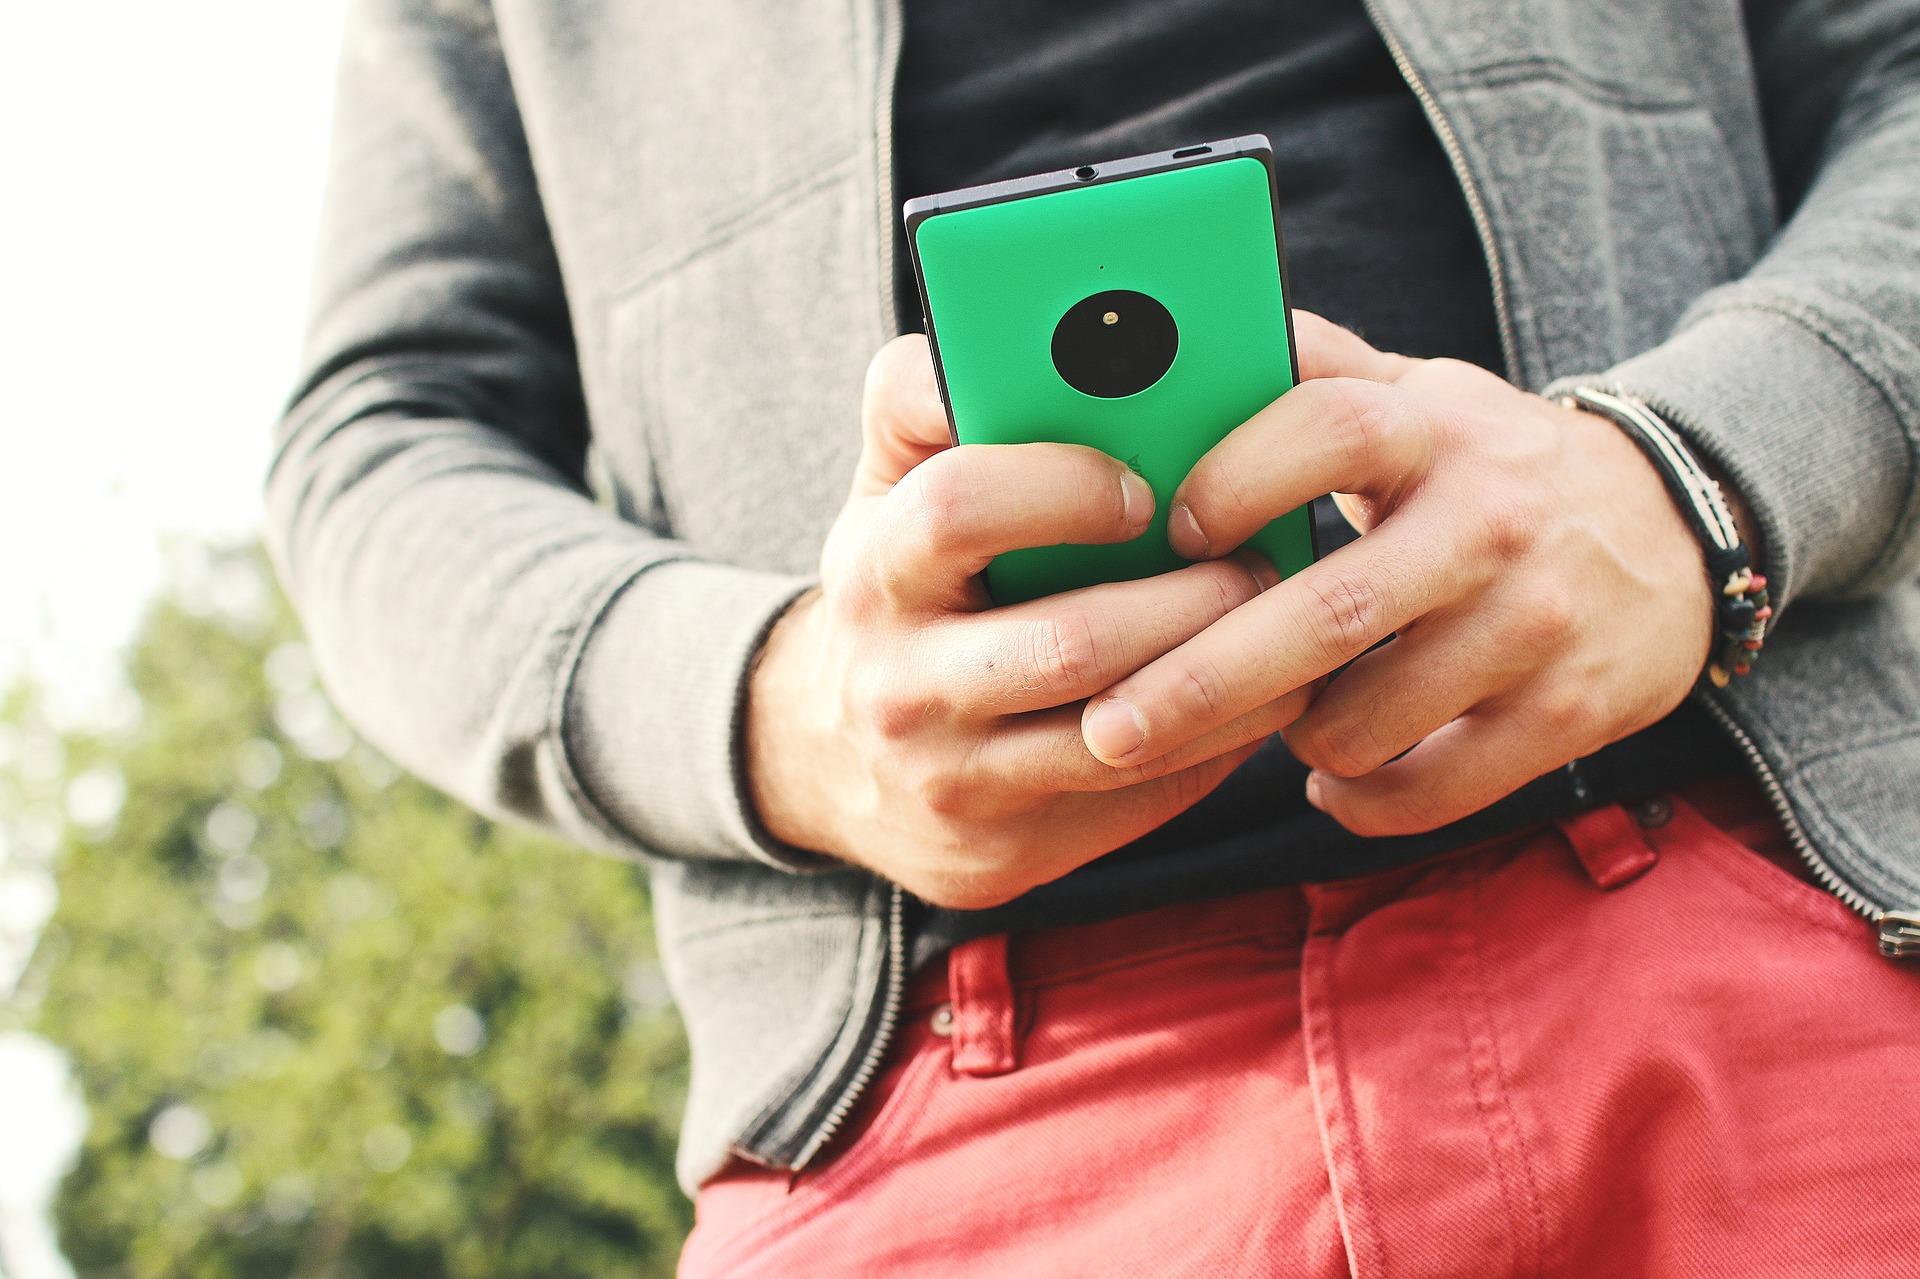 Nokia prêt à rebondir sur le marché des smartphones